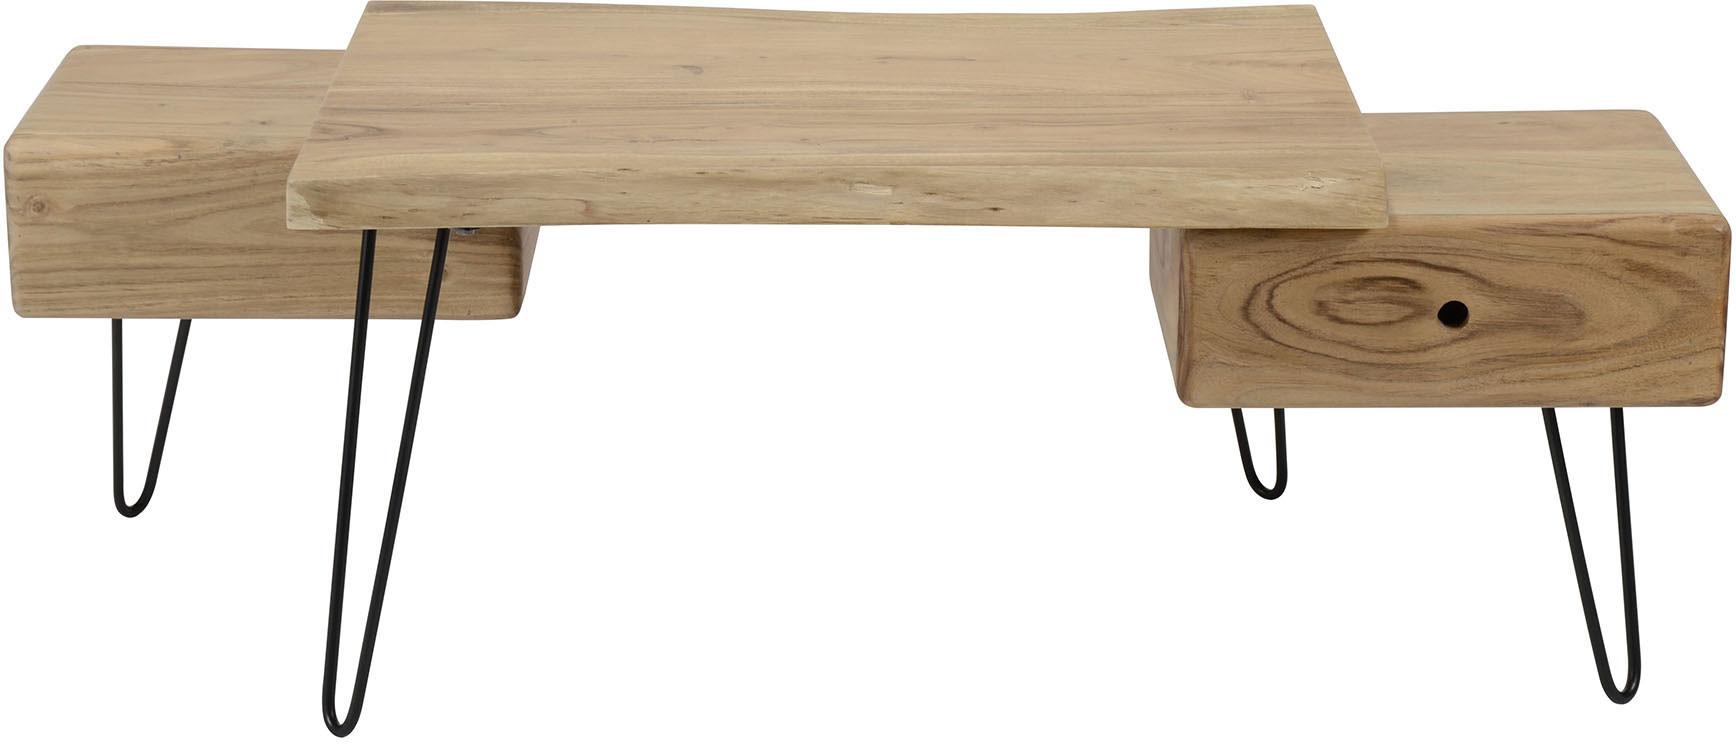 Table basse scandinave à 2 tiroirs en bois massif d'acacia Amandine